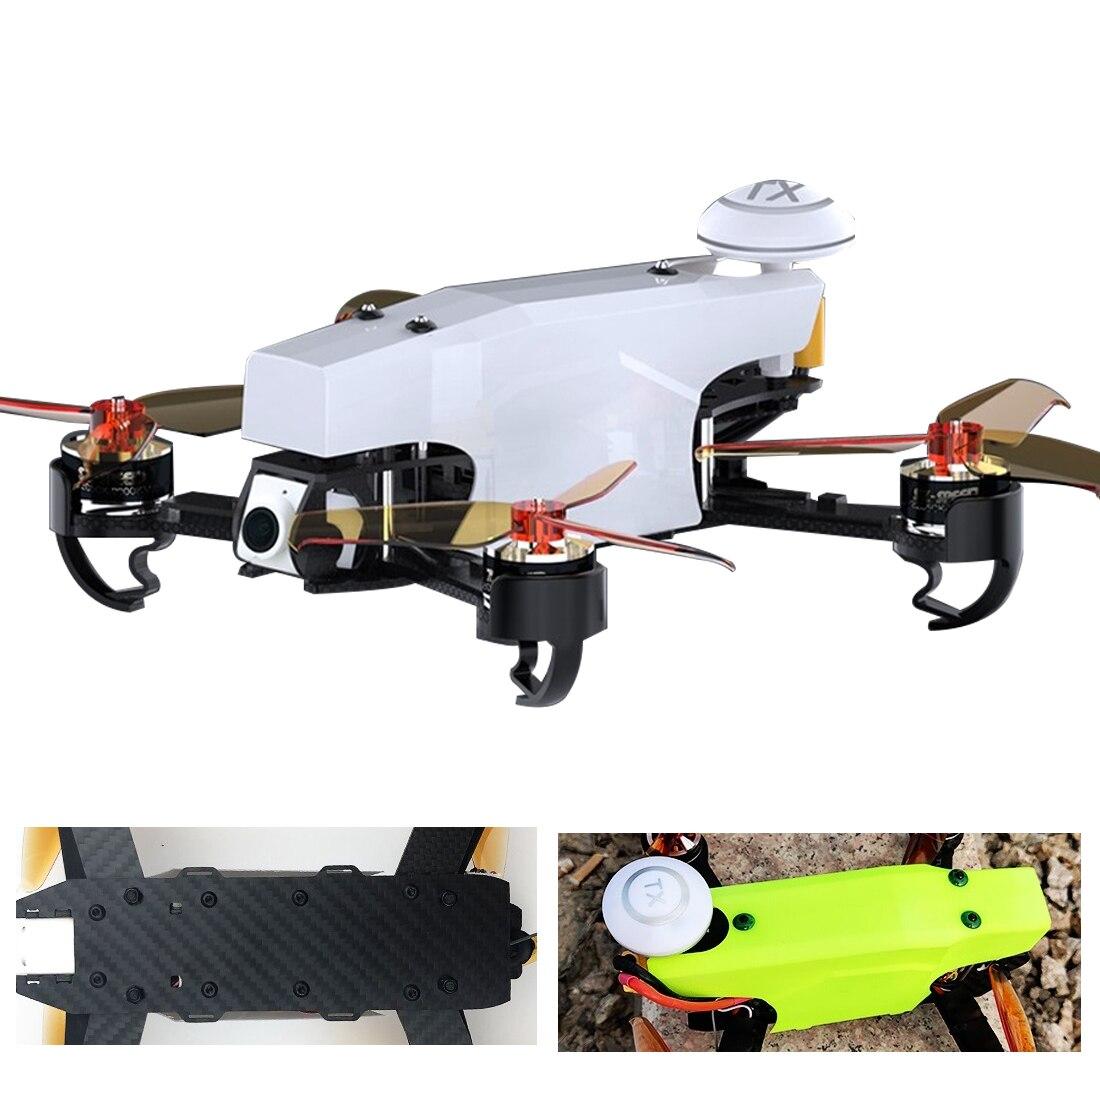 210 100 км/ч Высокое скорость 10 минут полета 5,8 г FPV системы DVR 720 P камера gps OSD Мини PIX бесщеточный Радиоуправляемый гонщик Drone